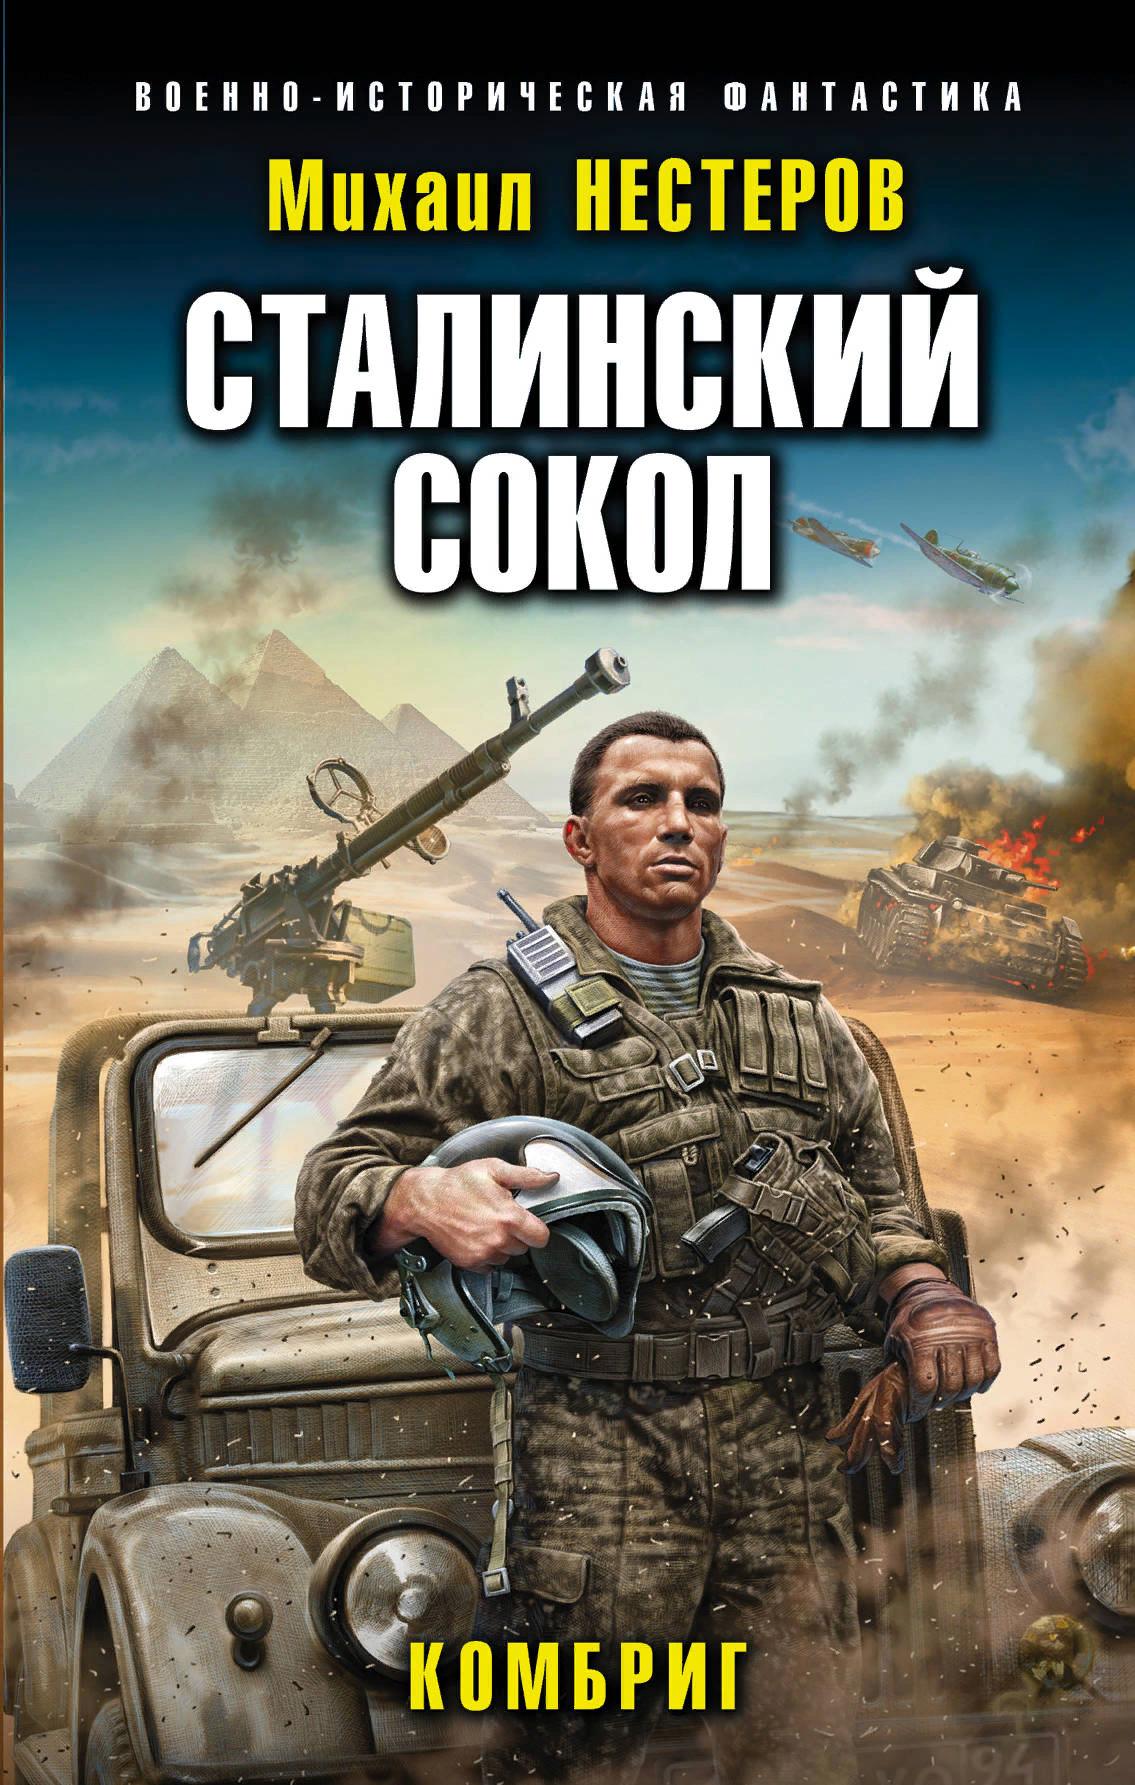 Михаил Нестеров «Сталинский сокол. Комбриг»